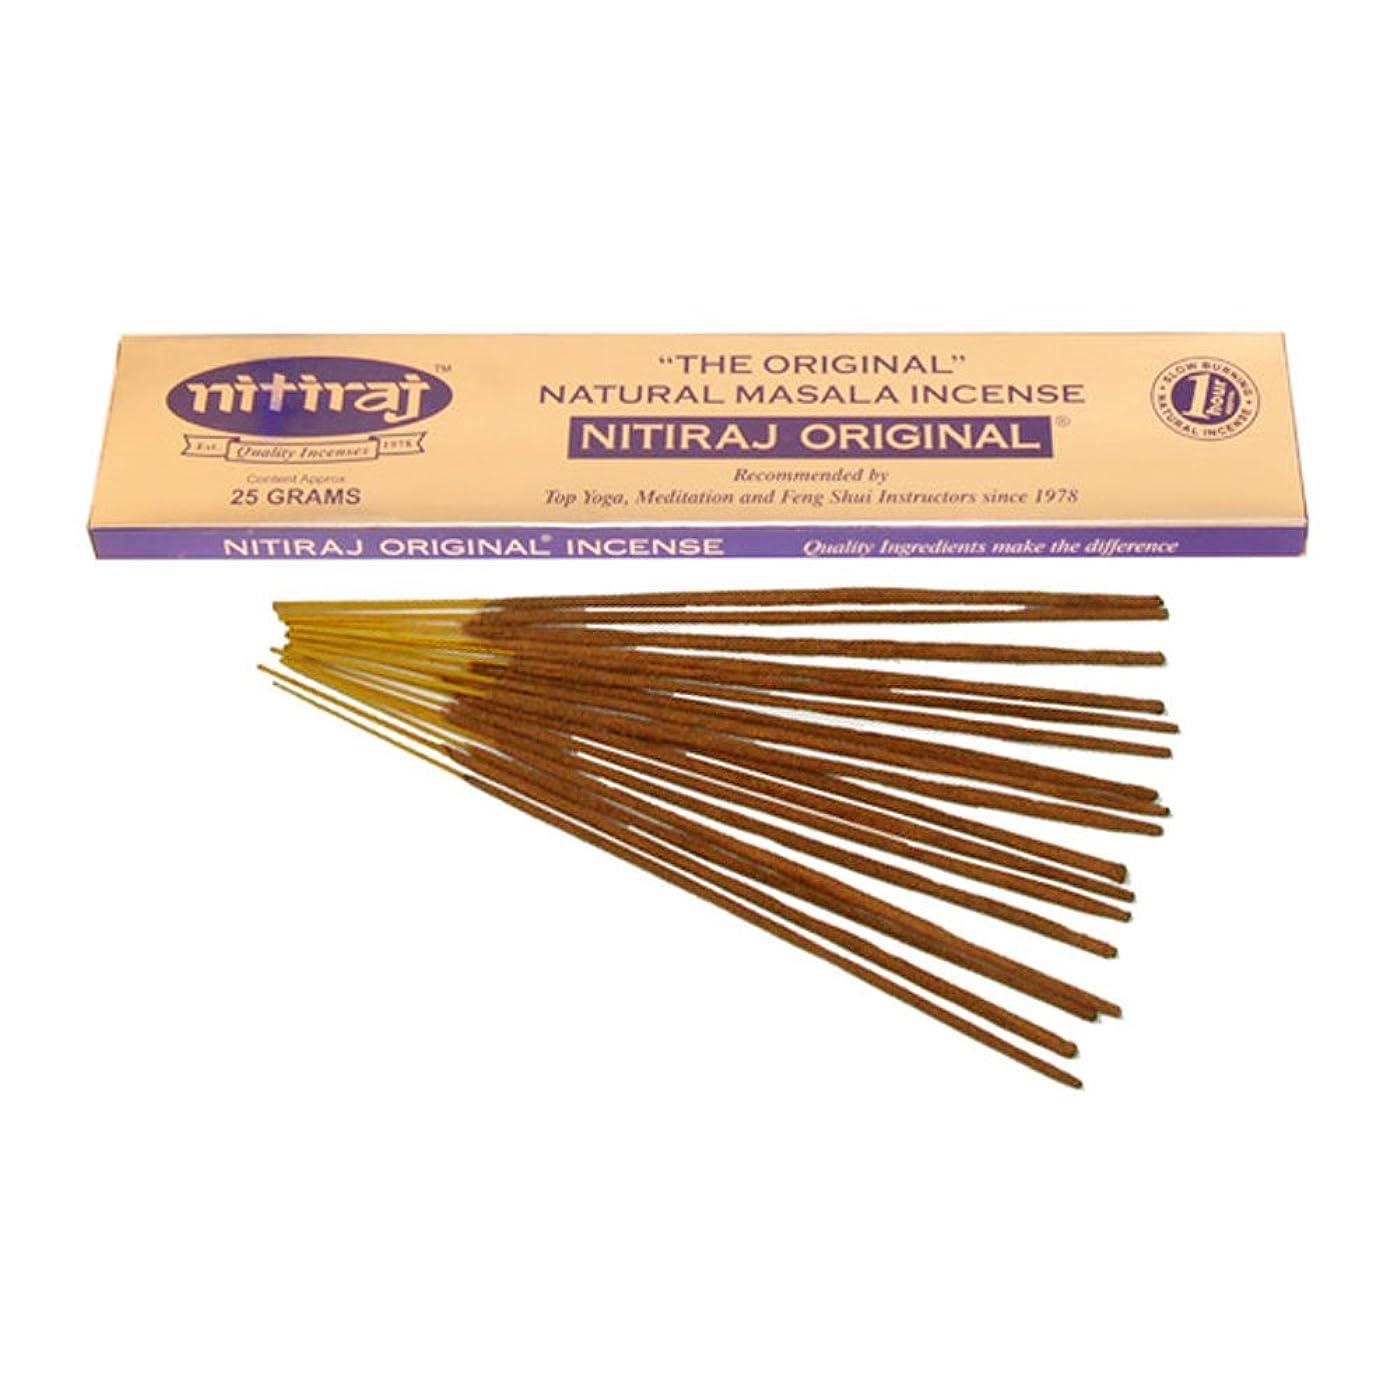 ピアノを弾く宝鮮やかな(25 Grammes) - Nitiraj The Original Natural Masala Incense Slow Burning 1 Hour per Stick